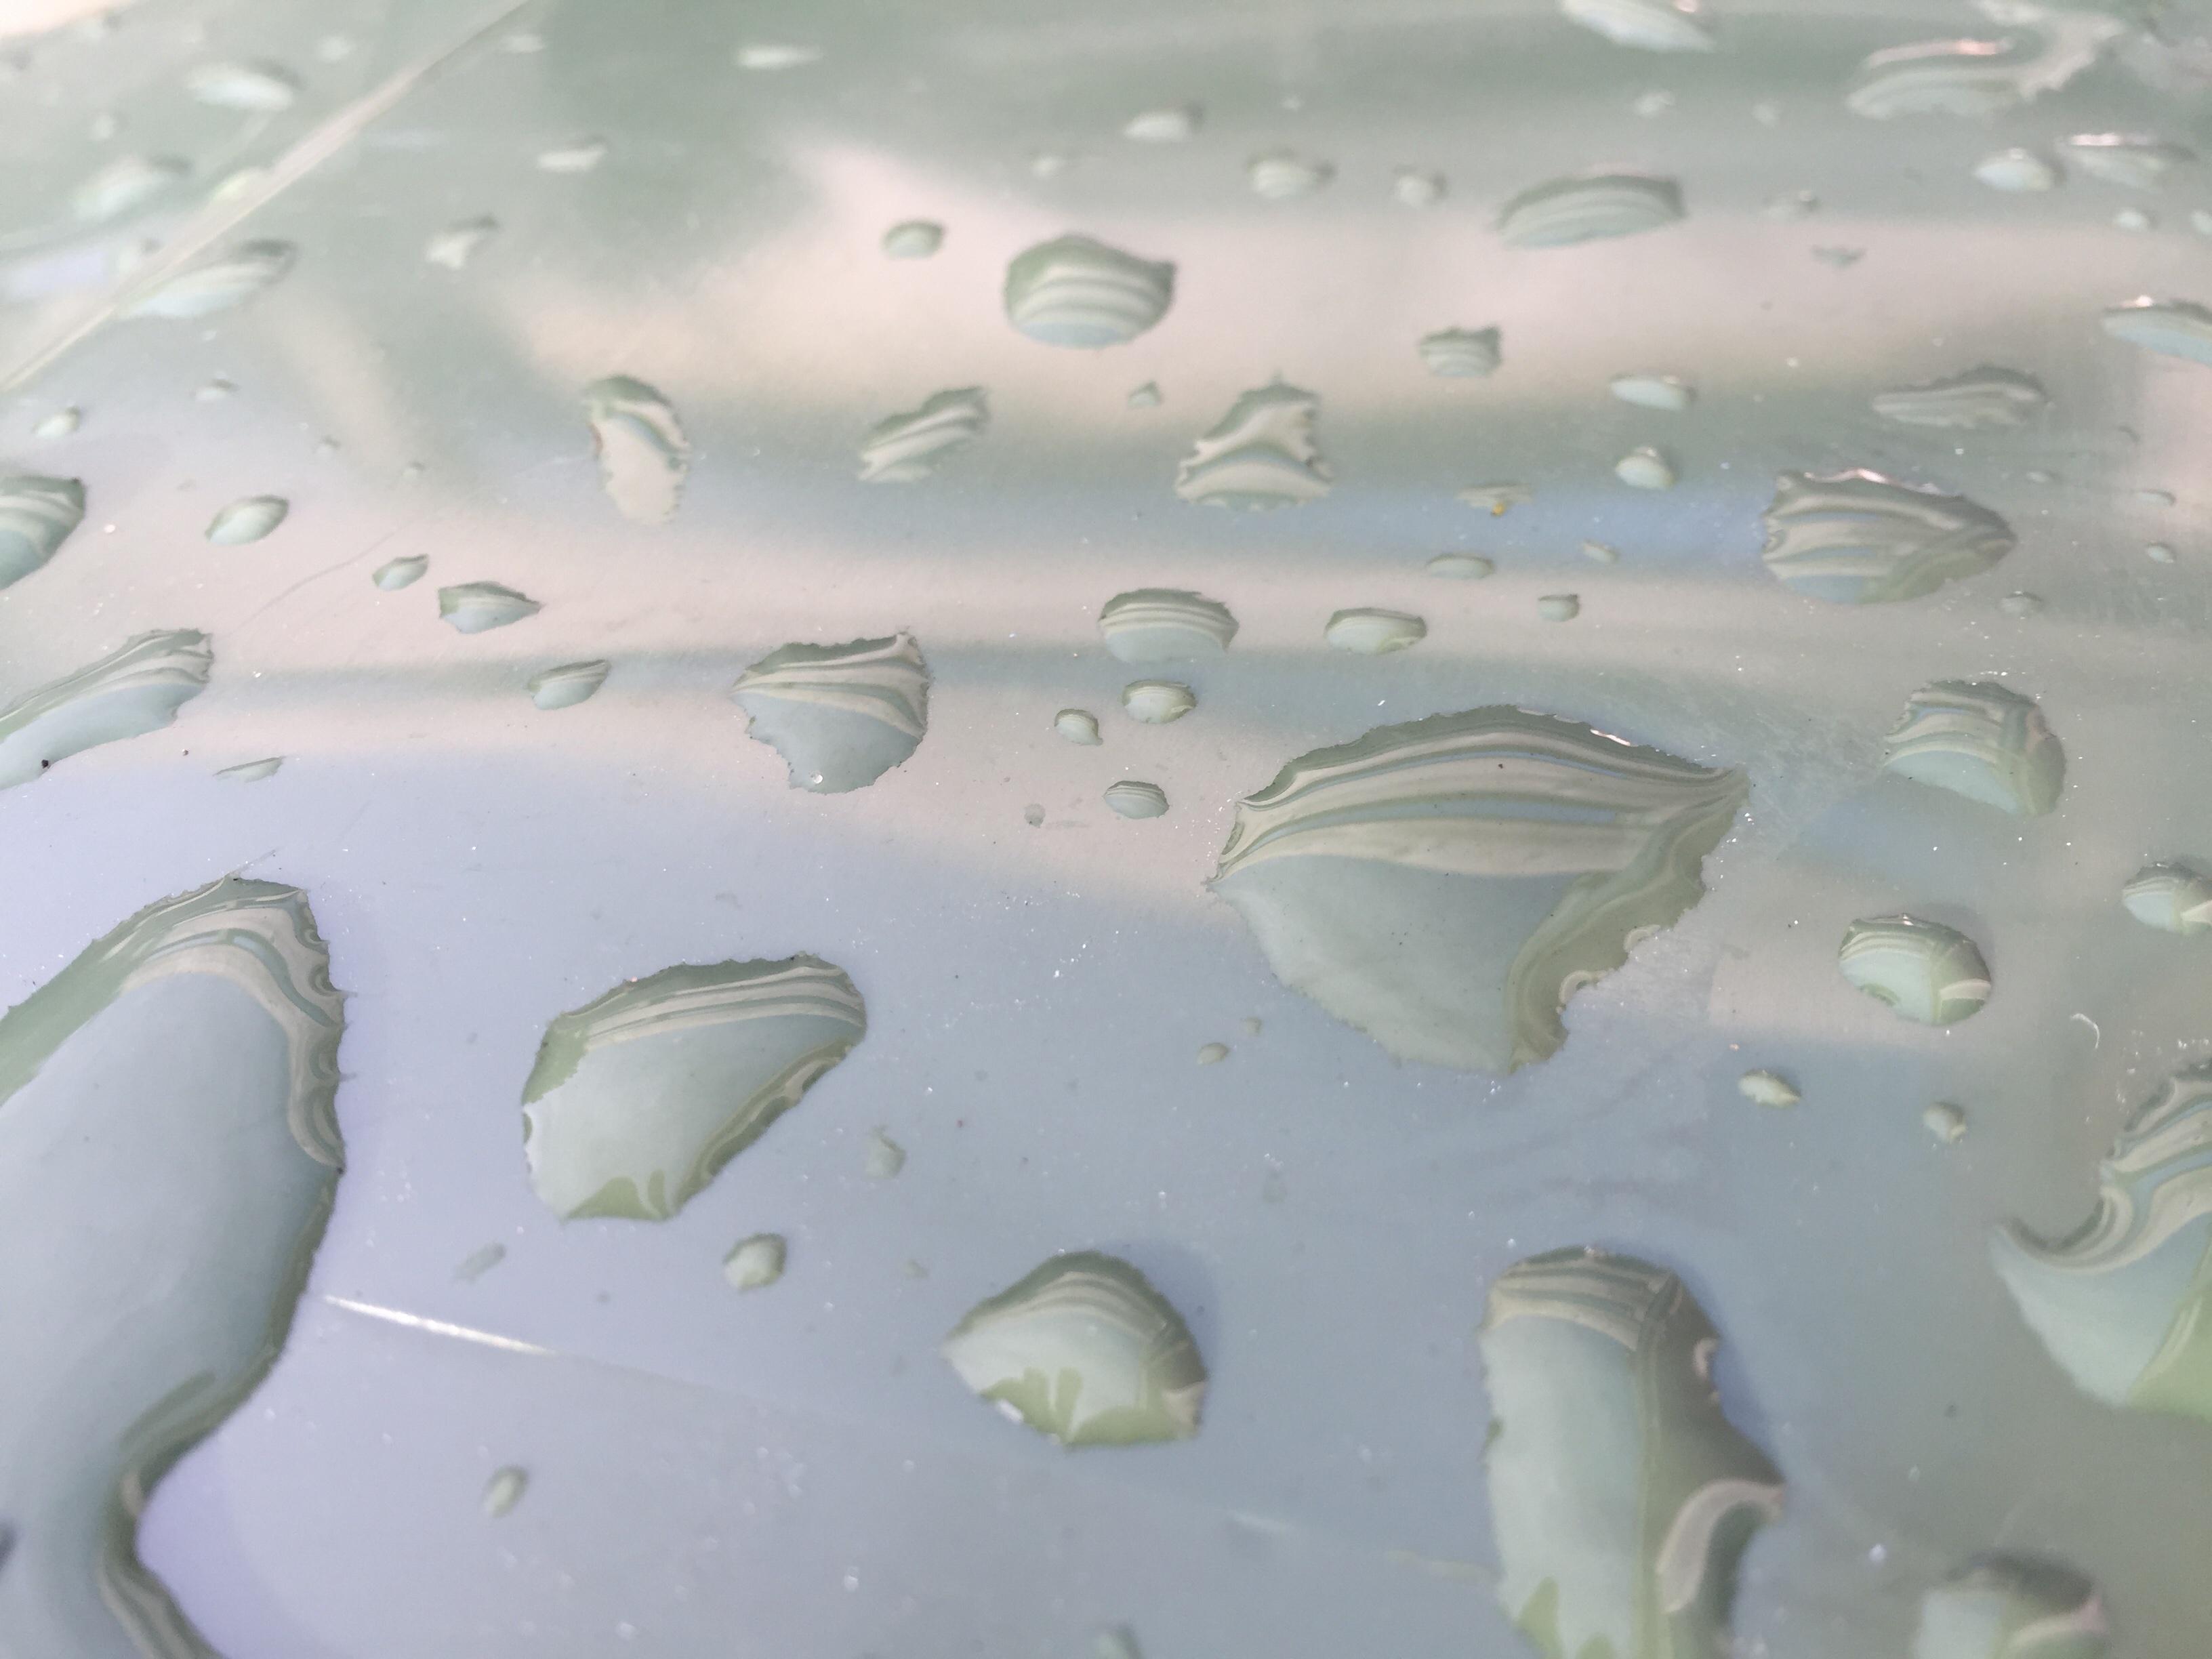 #water #rain